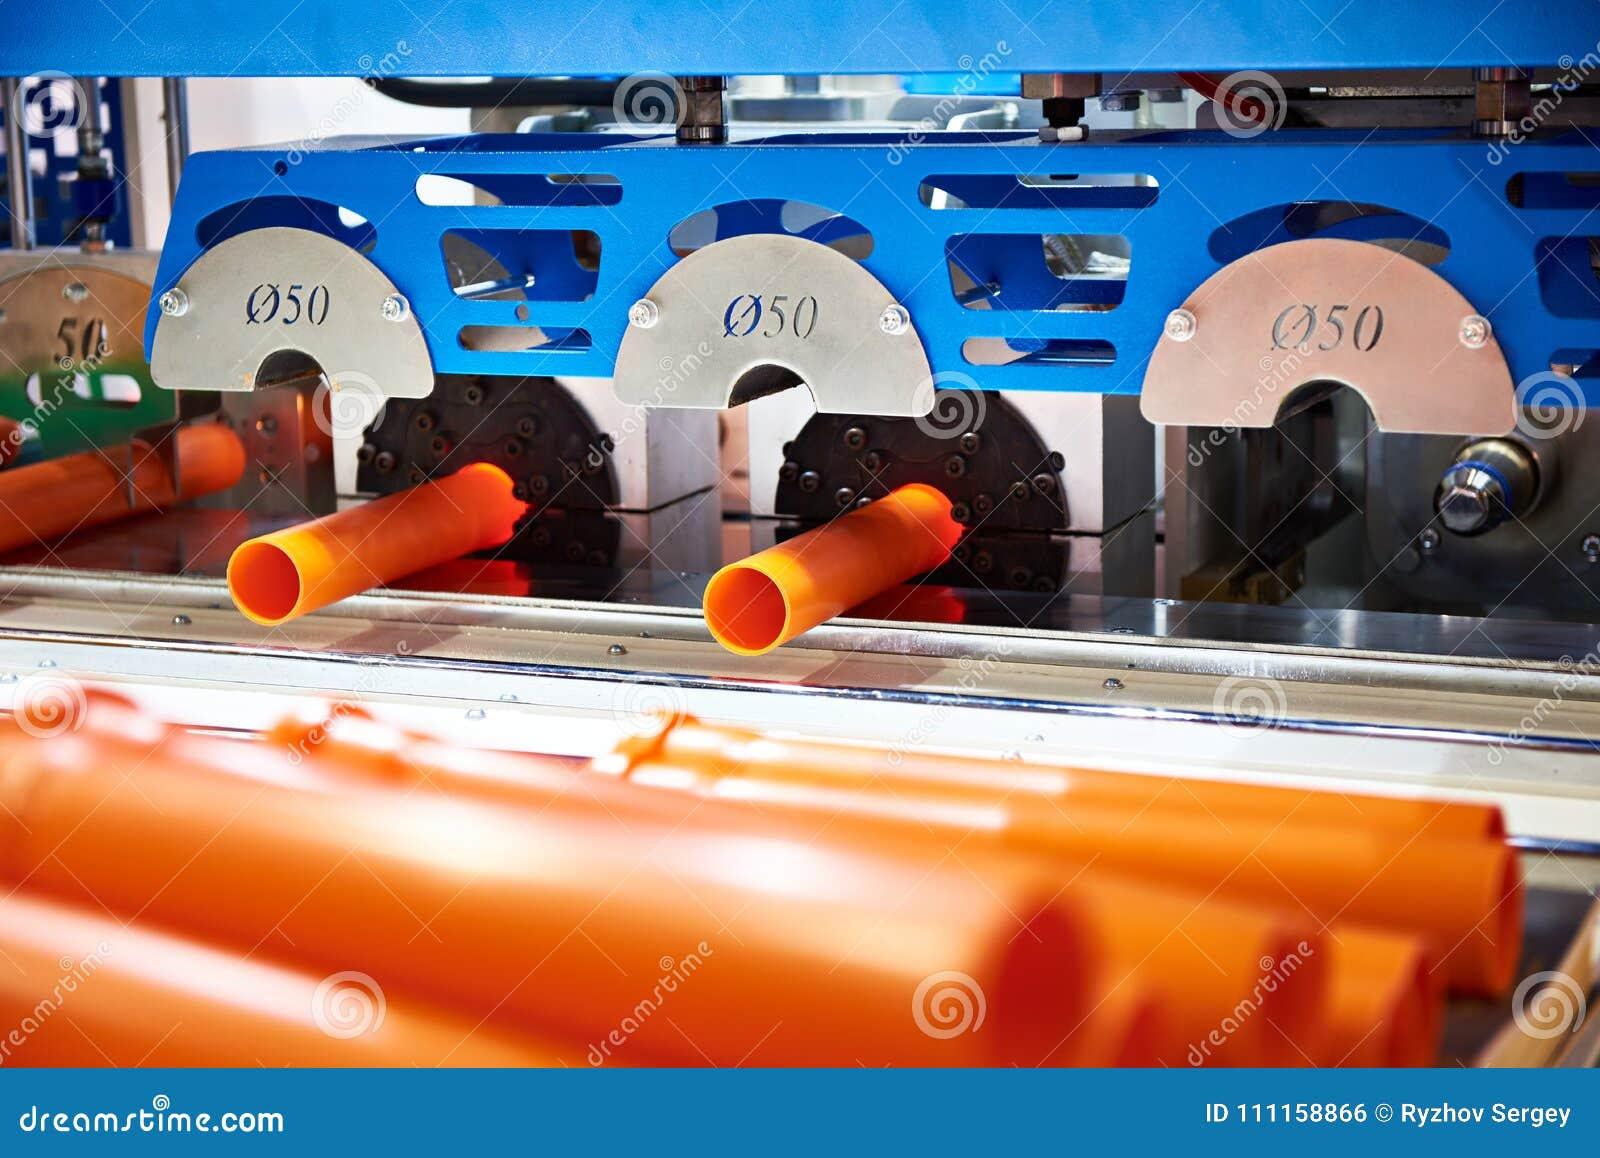 Machine voor productie van plastic pijpen